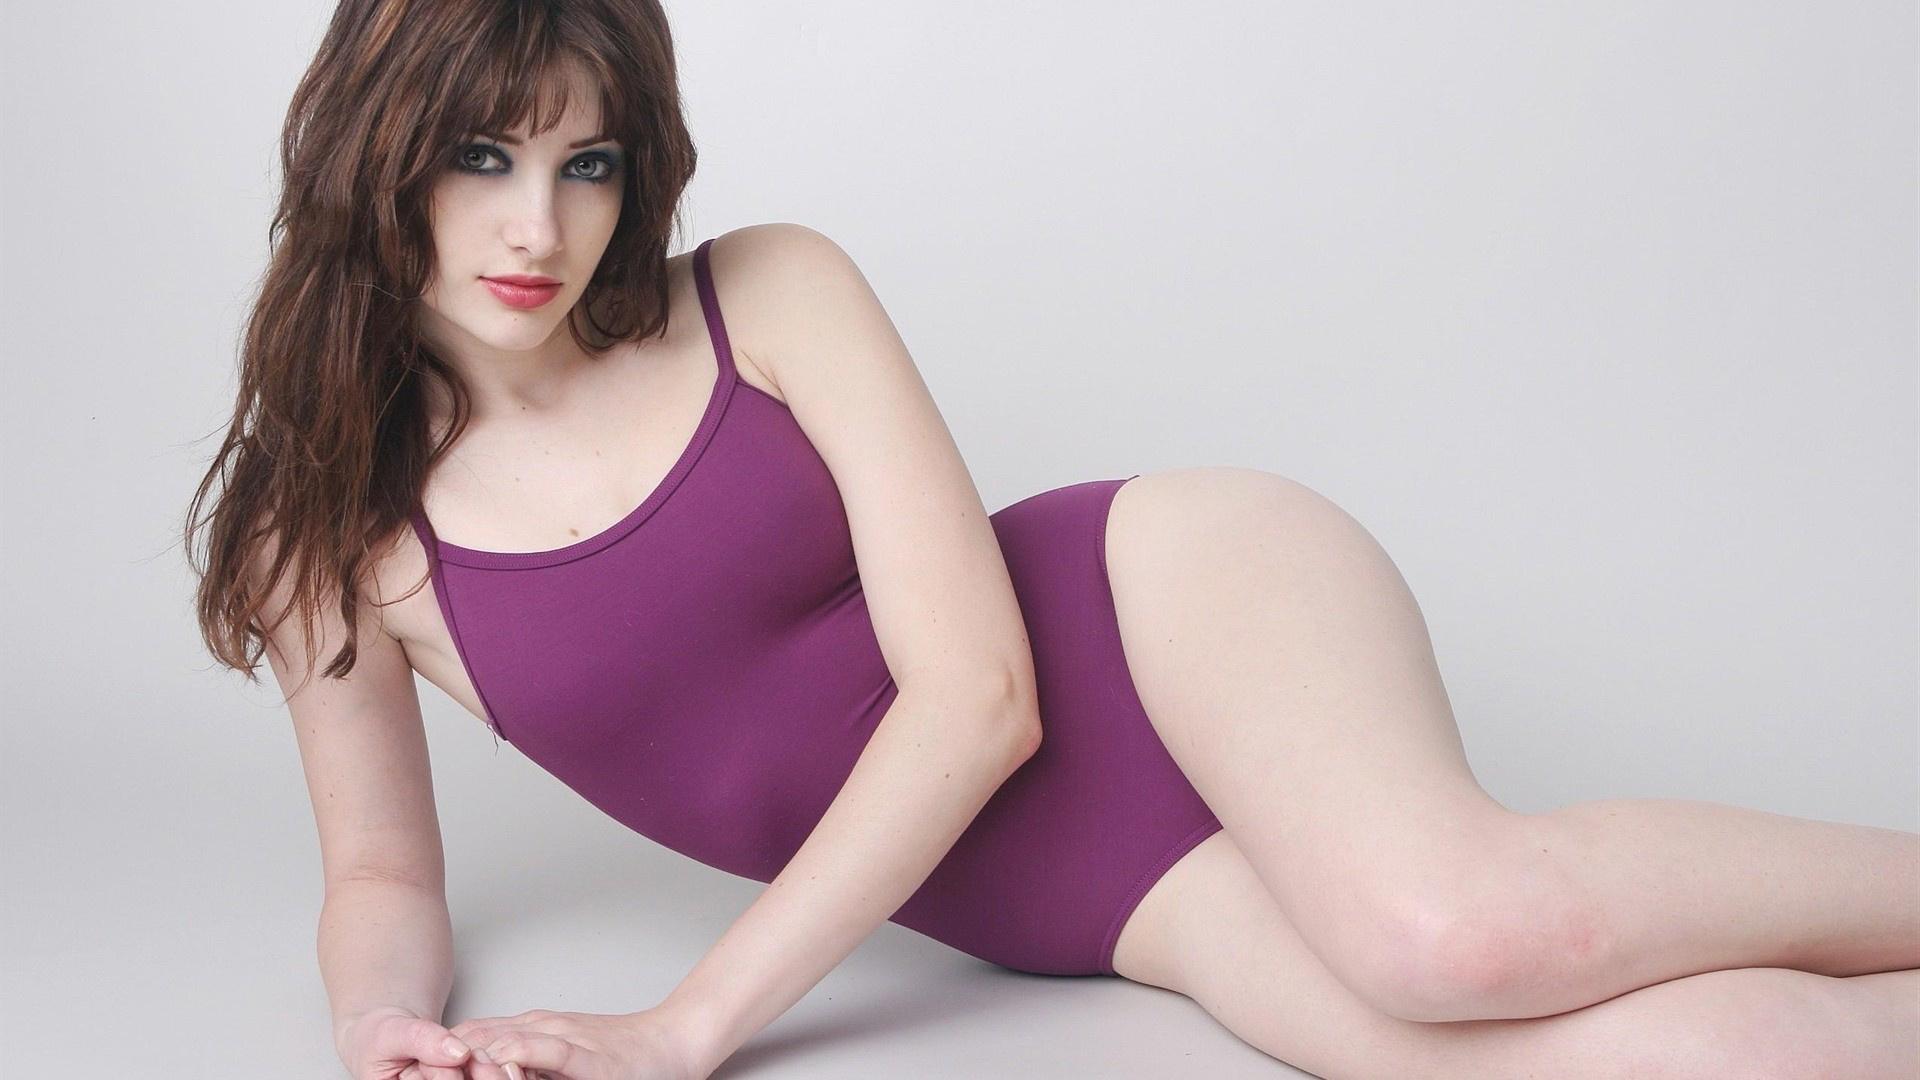 Meera pakistani actress porn